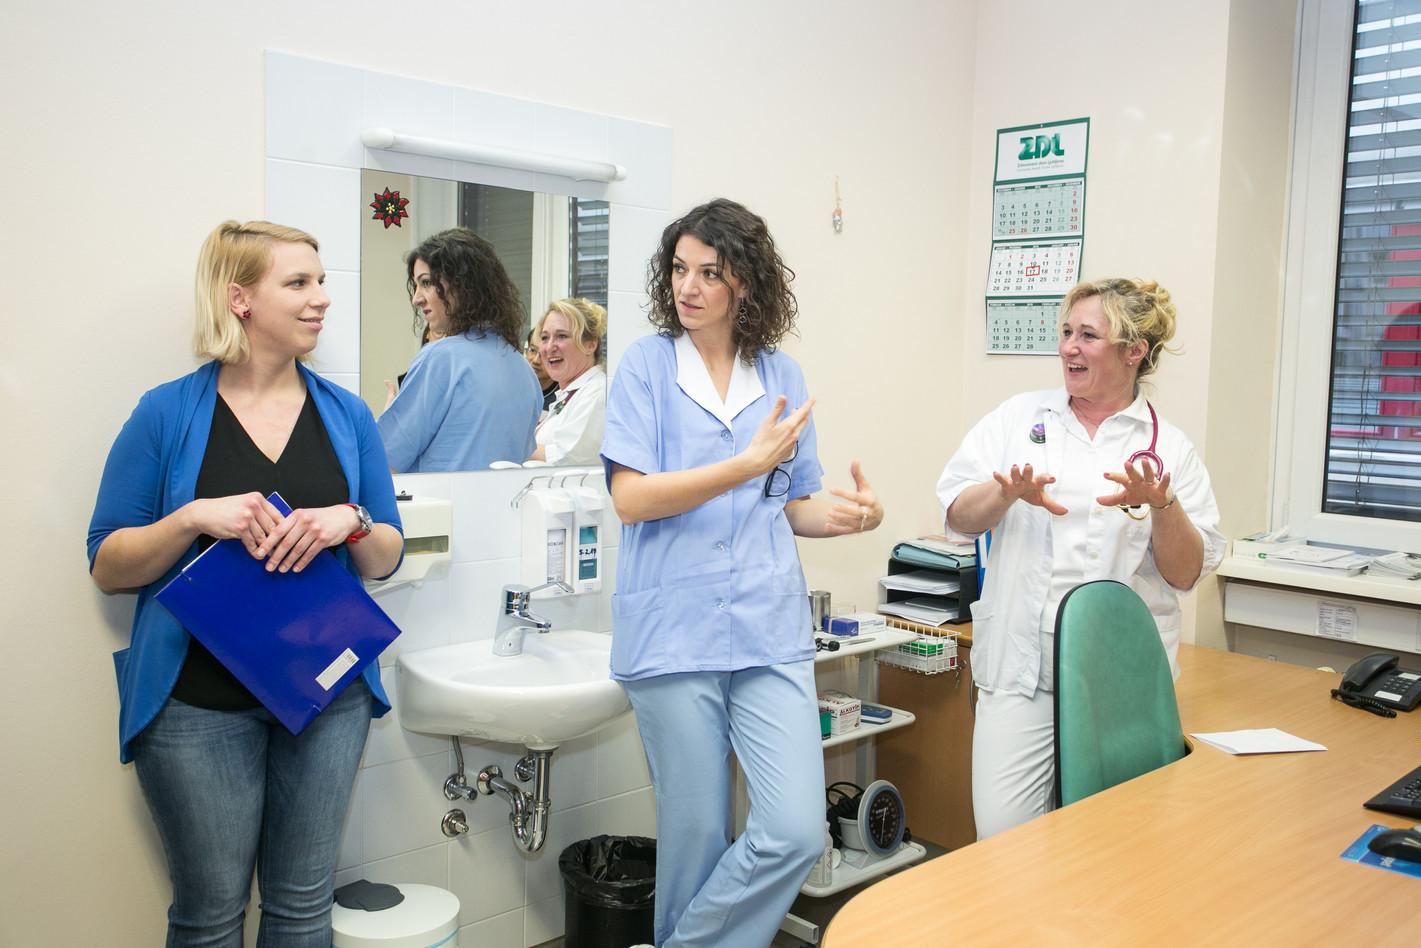 Nana Ambrož, Nataša Kunstič, Simona Repar Bornšek: nurse, registered nurse and family phisician  in a model practice